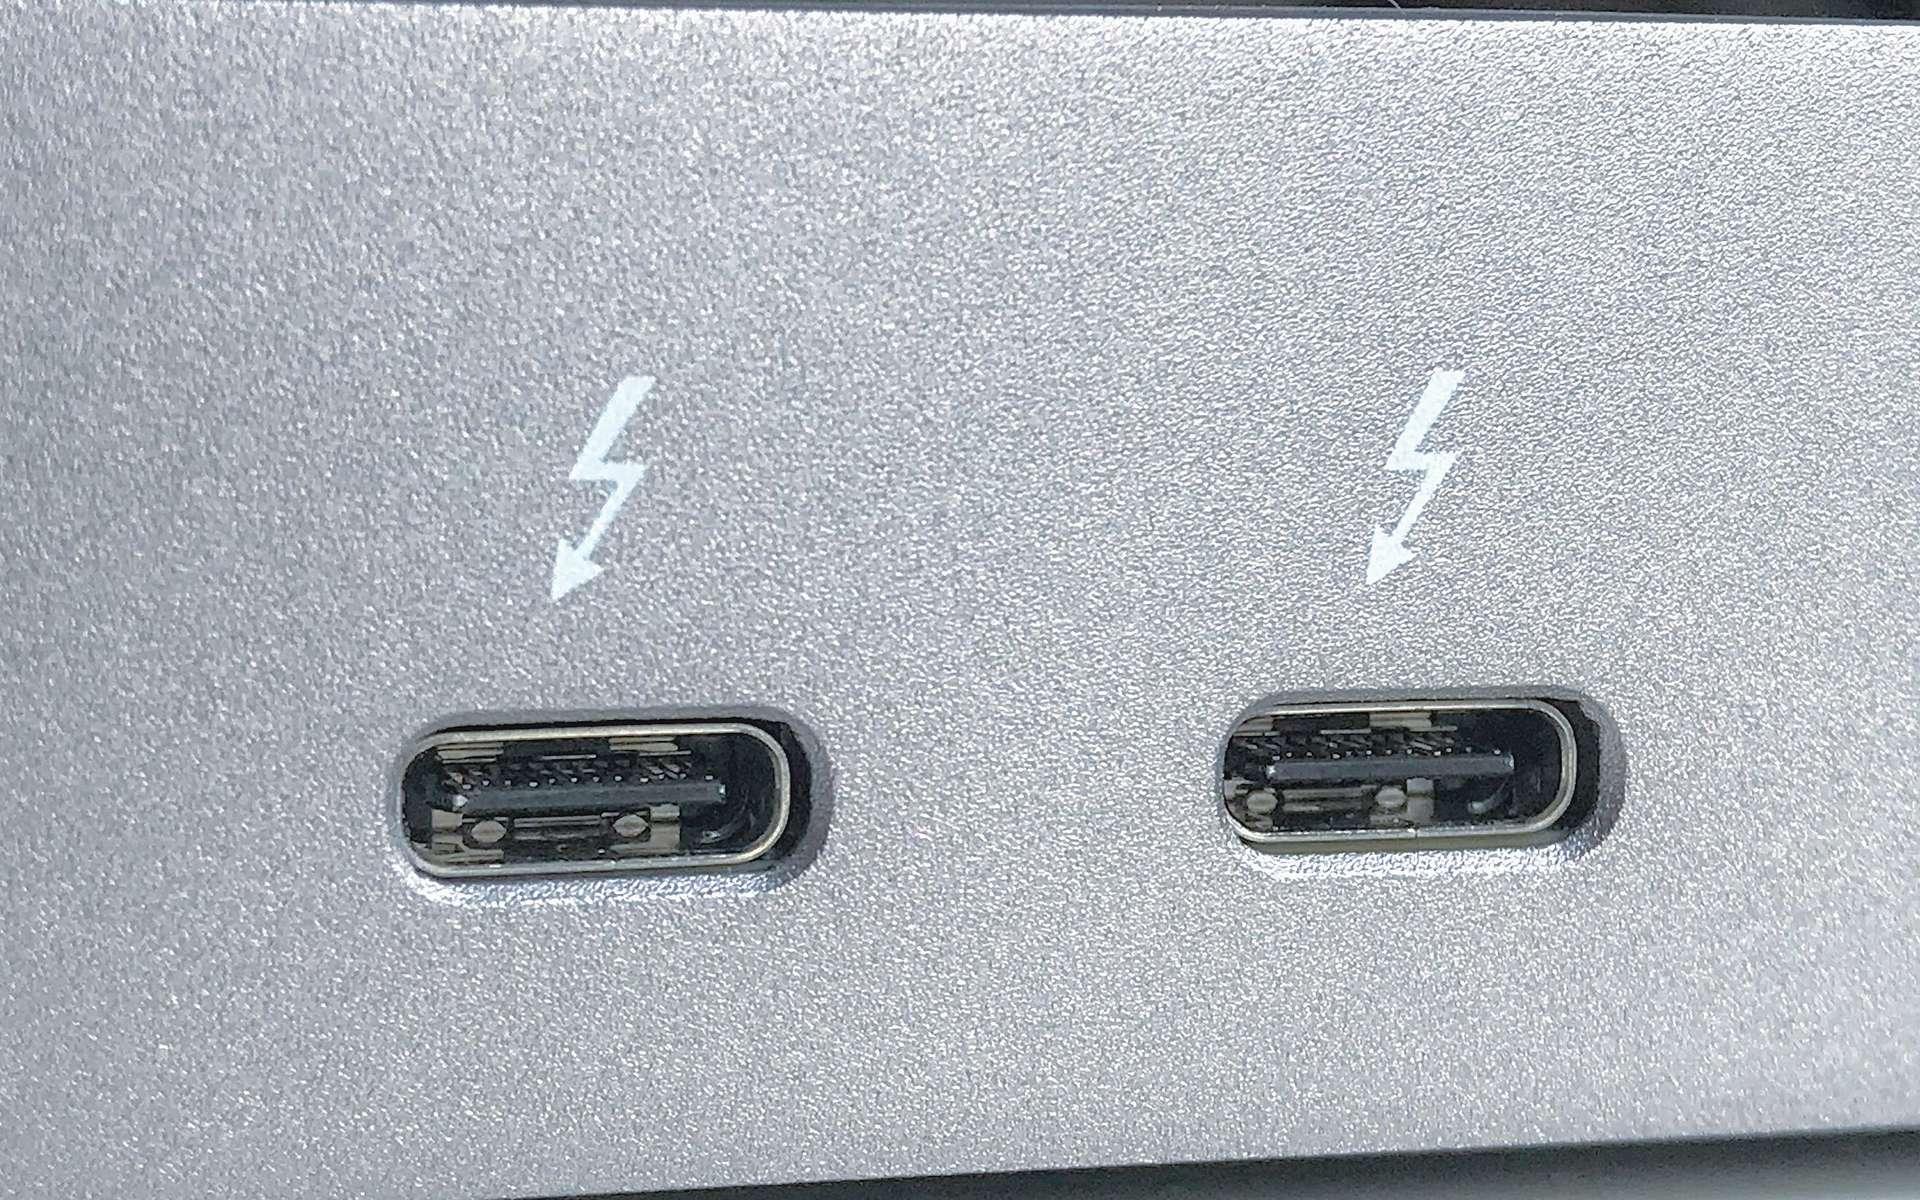 Thunderbolt désigne une interface développée par Intel en collaboration avec Apple. © Amin, Wikimedia Commons, CC by-sa 4.0